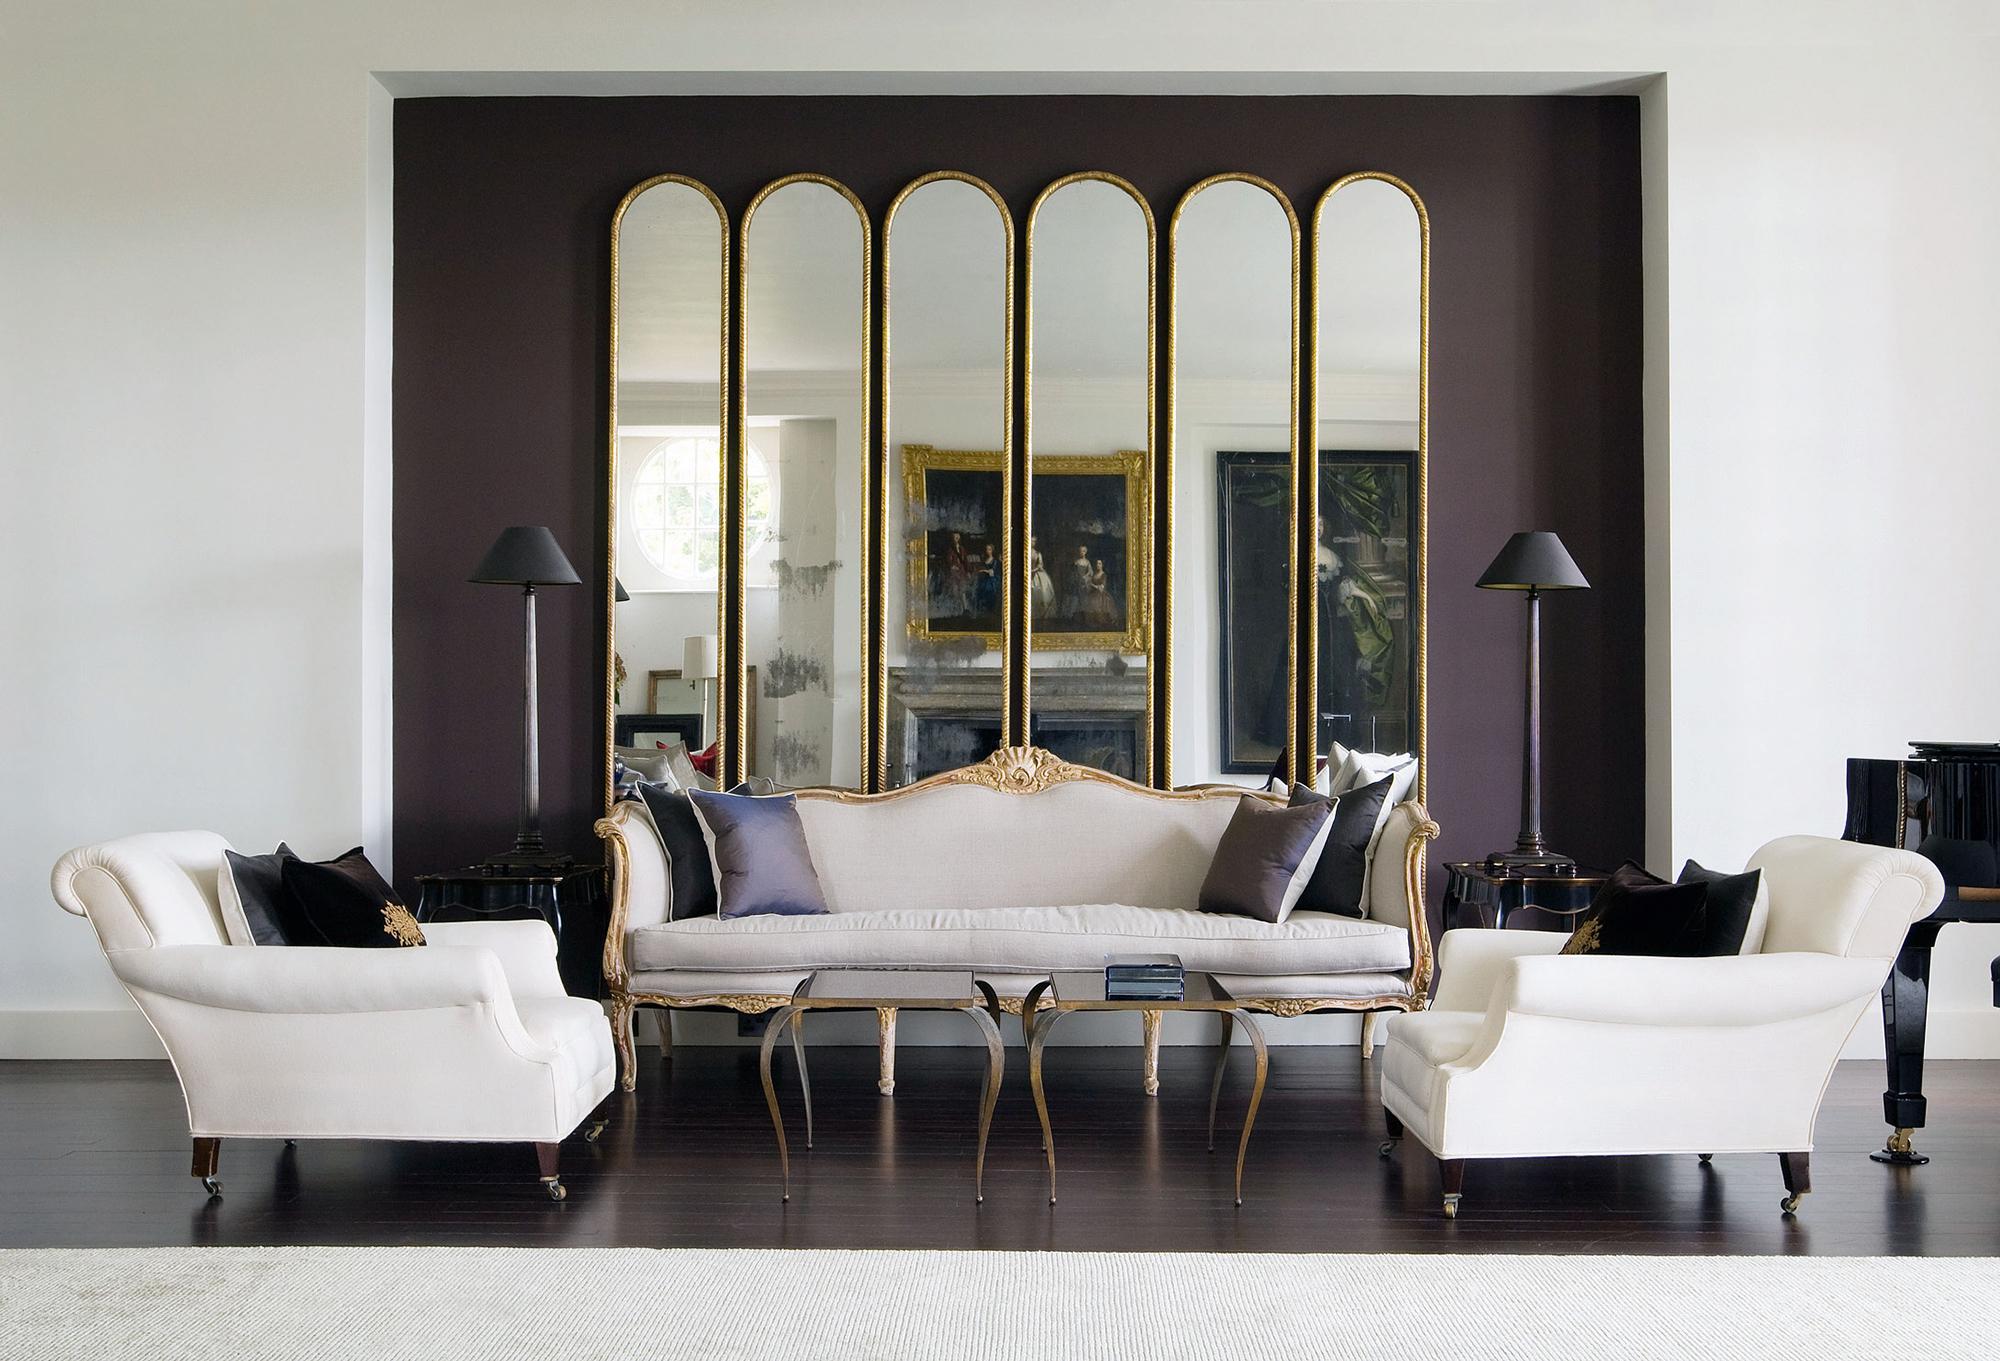 Зеркальная стена в интерьере (50 фото): отделка плиткой, мозаикой и другие декоративные варианты